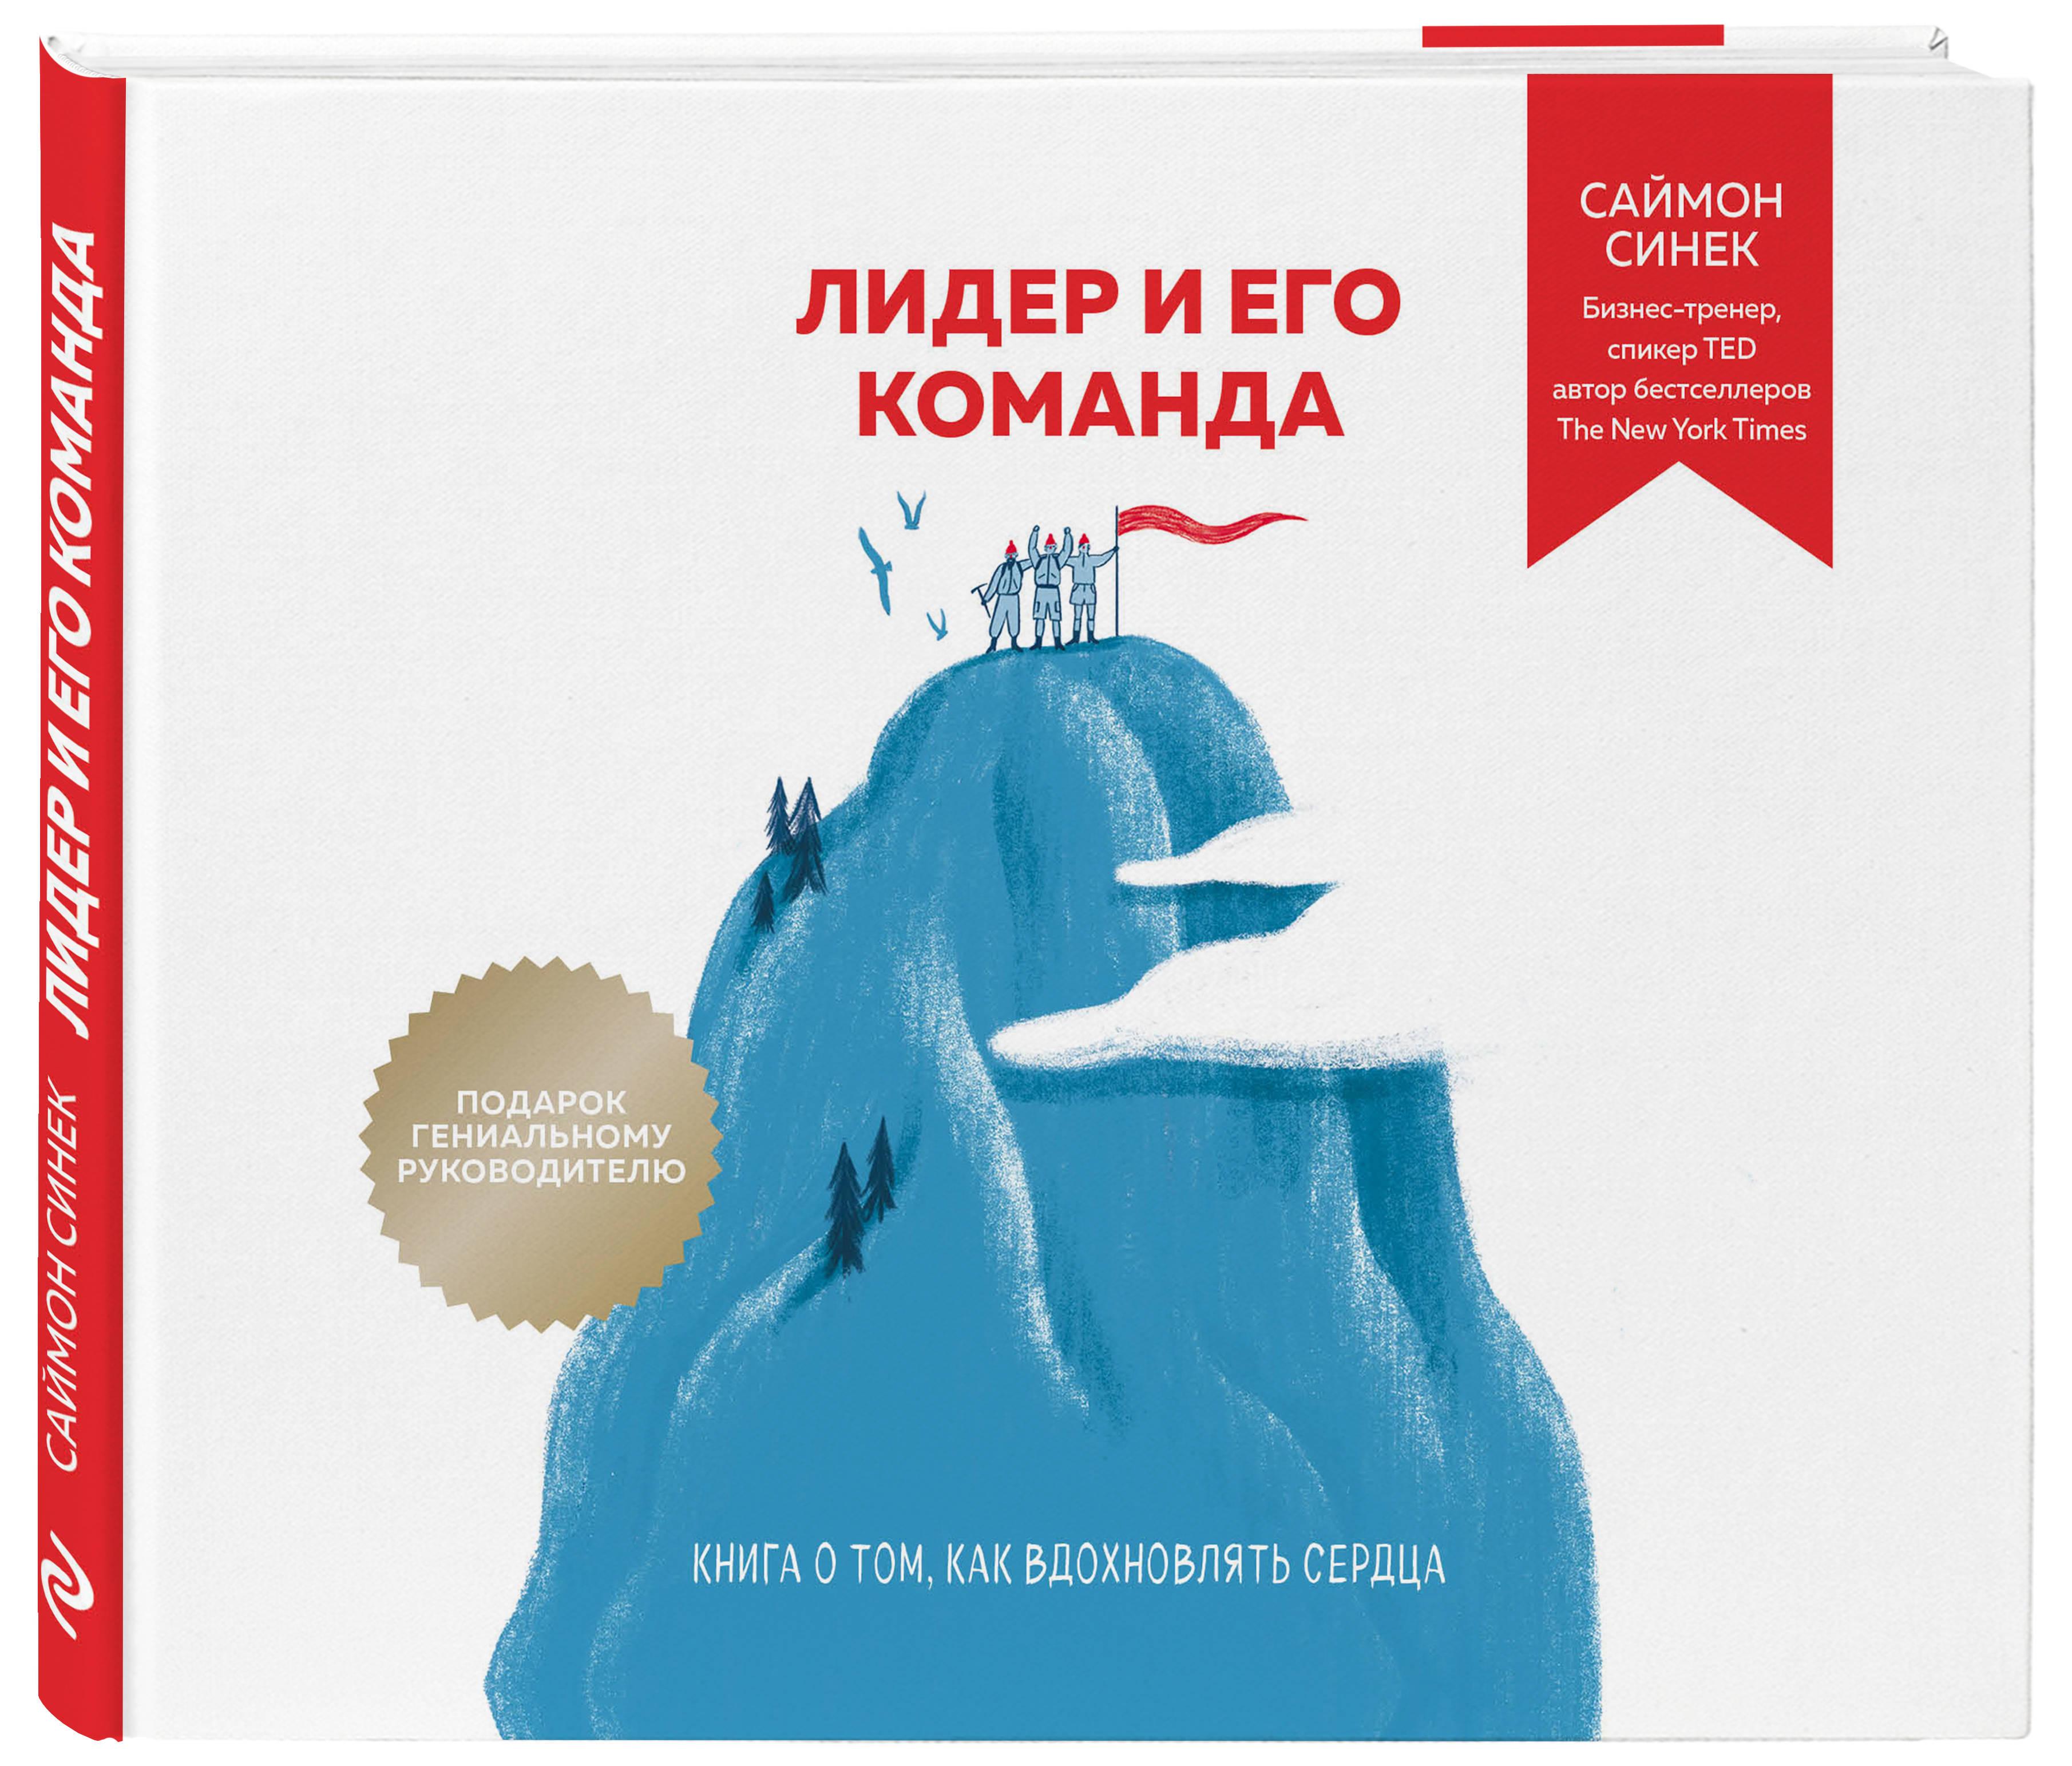 Лидер и его команда. Книга о том, как вдохновлять сердца от book24.ru